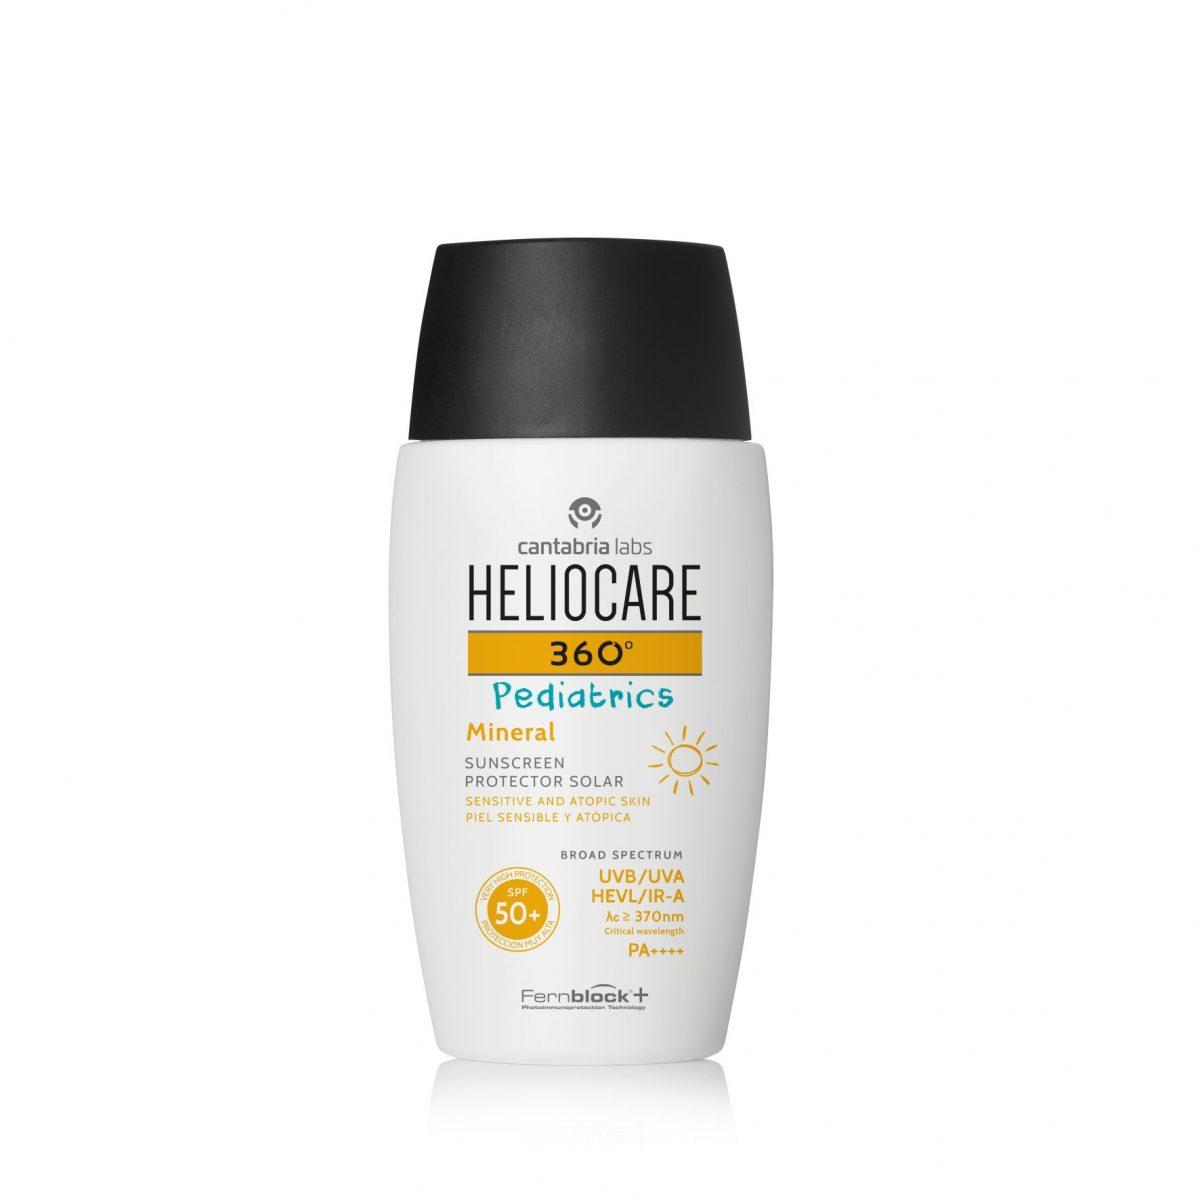 HELIOCARE 360 PEDIATRICS MINERAL SPF50+